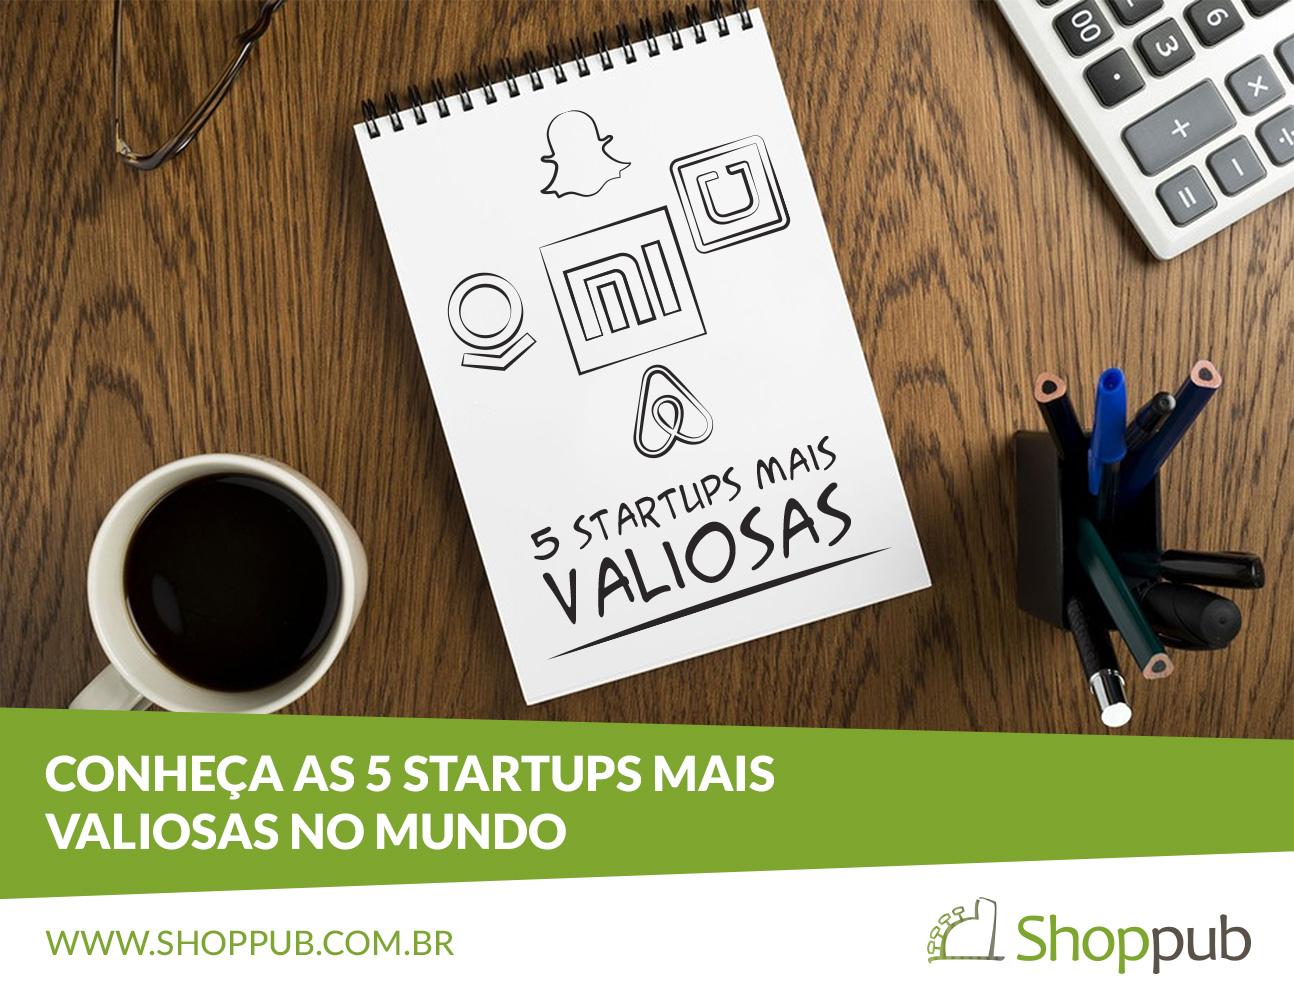 Startups mais valiosas